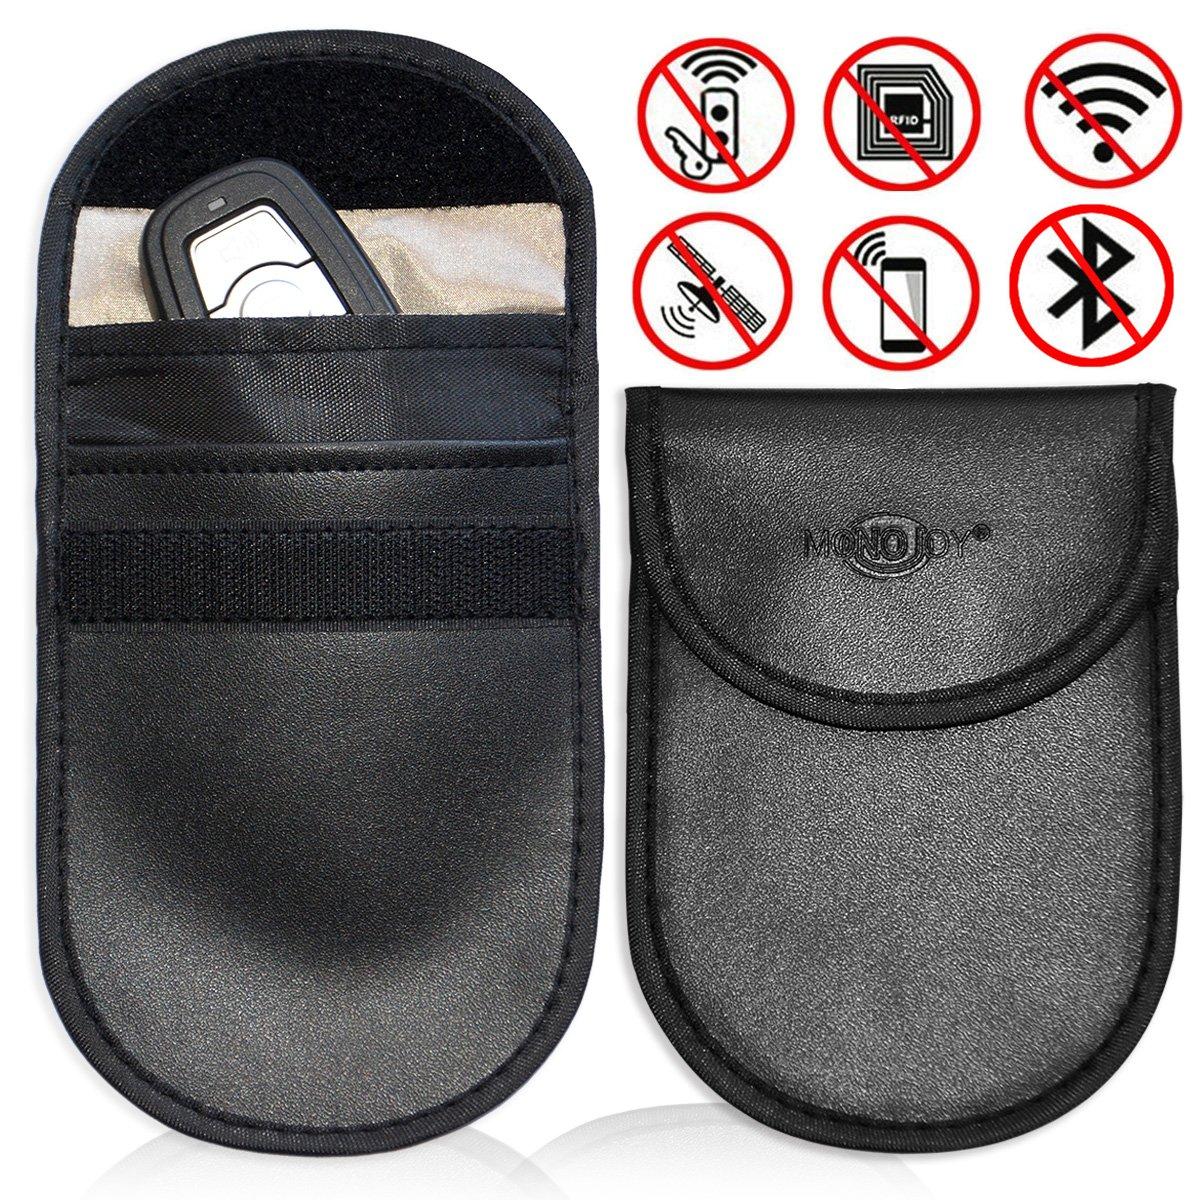 Faraday Cage Shield Car Key Fob Signal Blocking Pouch Bag, Faraday Bag Rfid Key Fob, Fob Guard Keyless Entry Remote Rfid, Antitheft Lock Devices, Car Key Protector WIFI/GSM/LTE/NFC/RF Blocker (2 Pack) MONOJOY B077XTMHZW